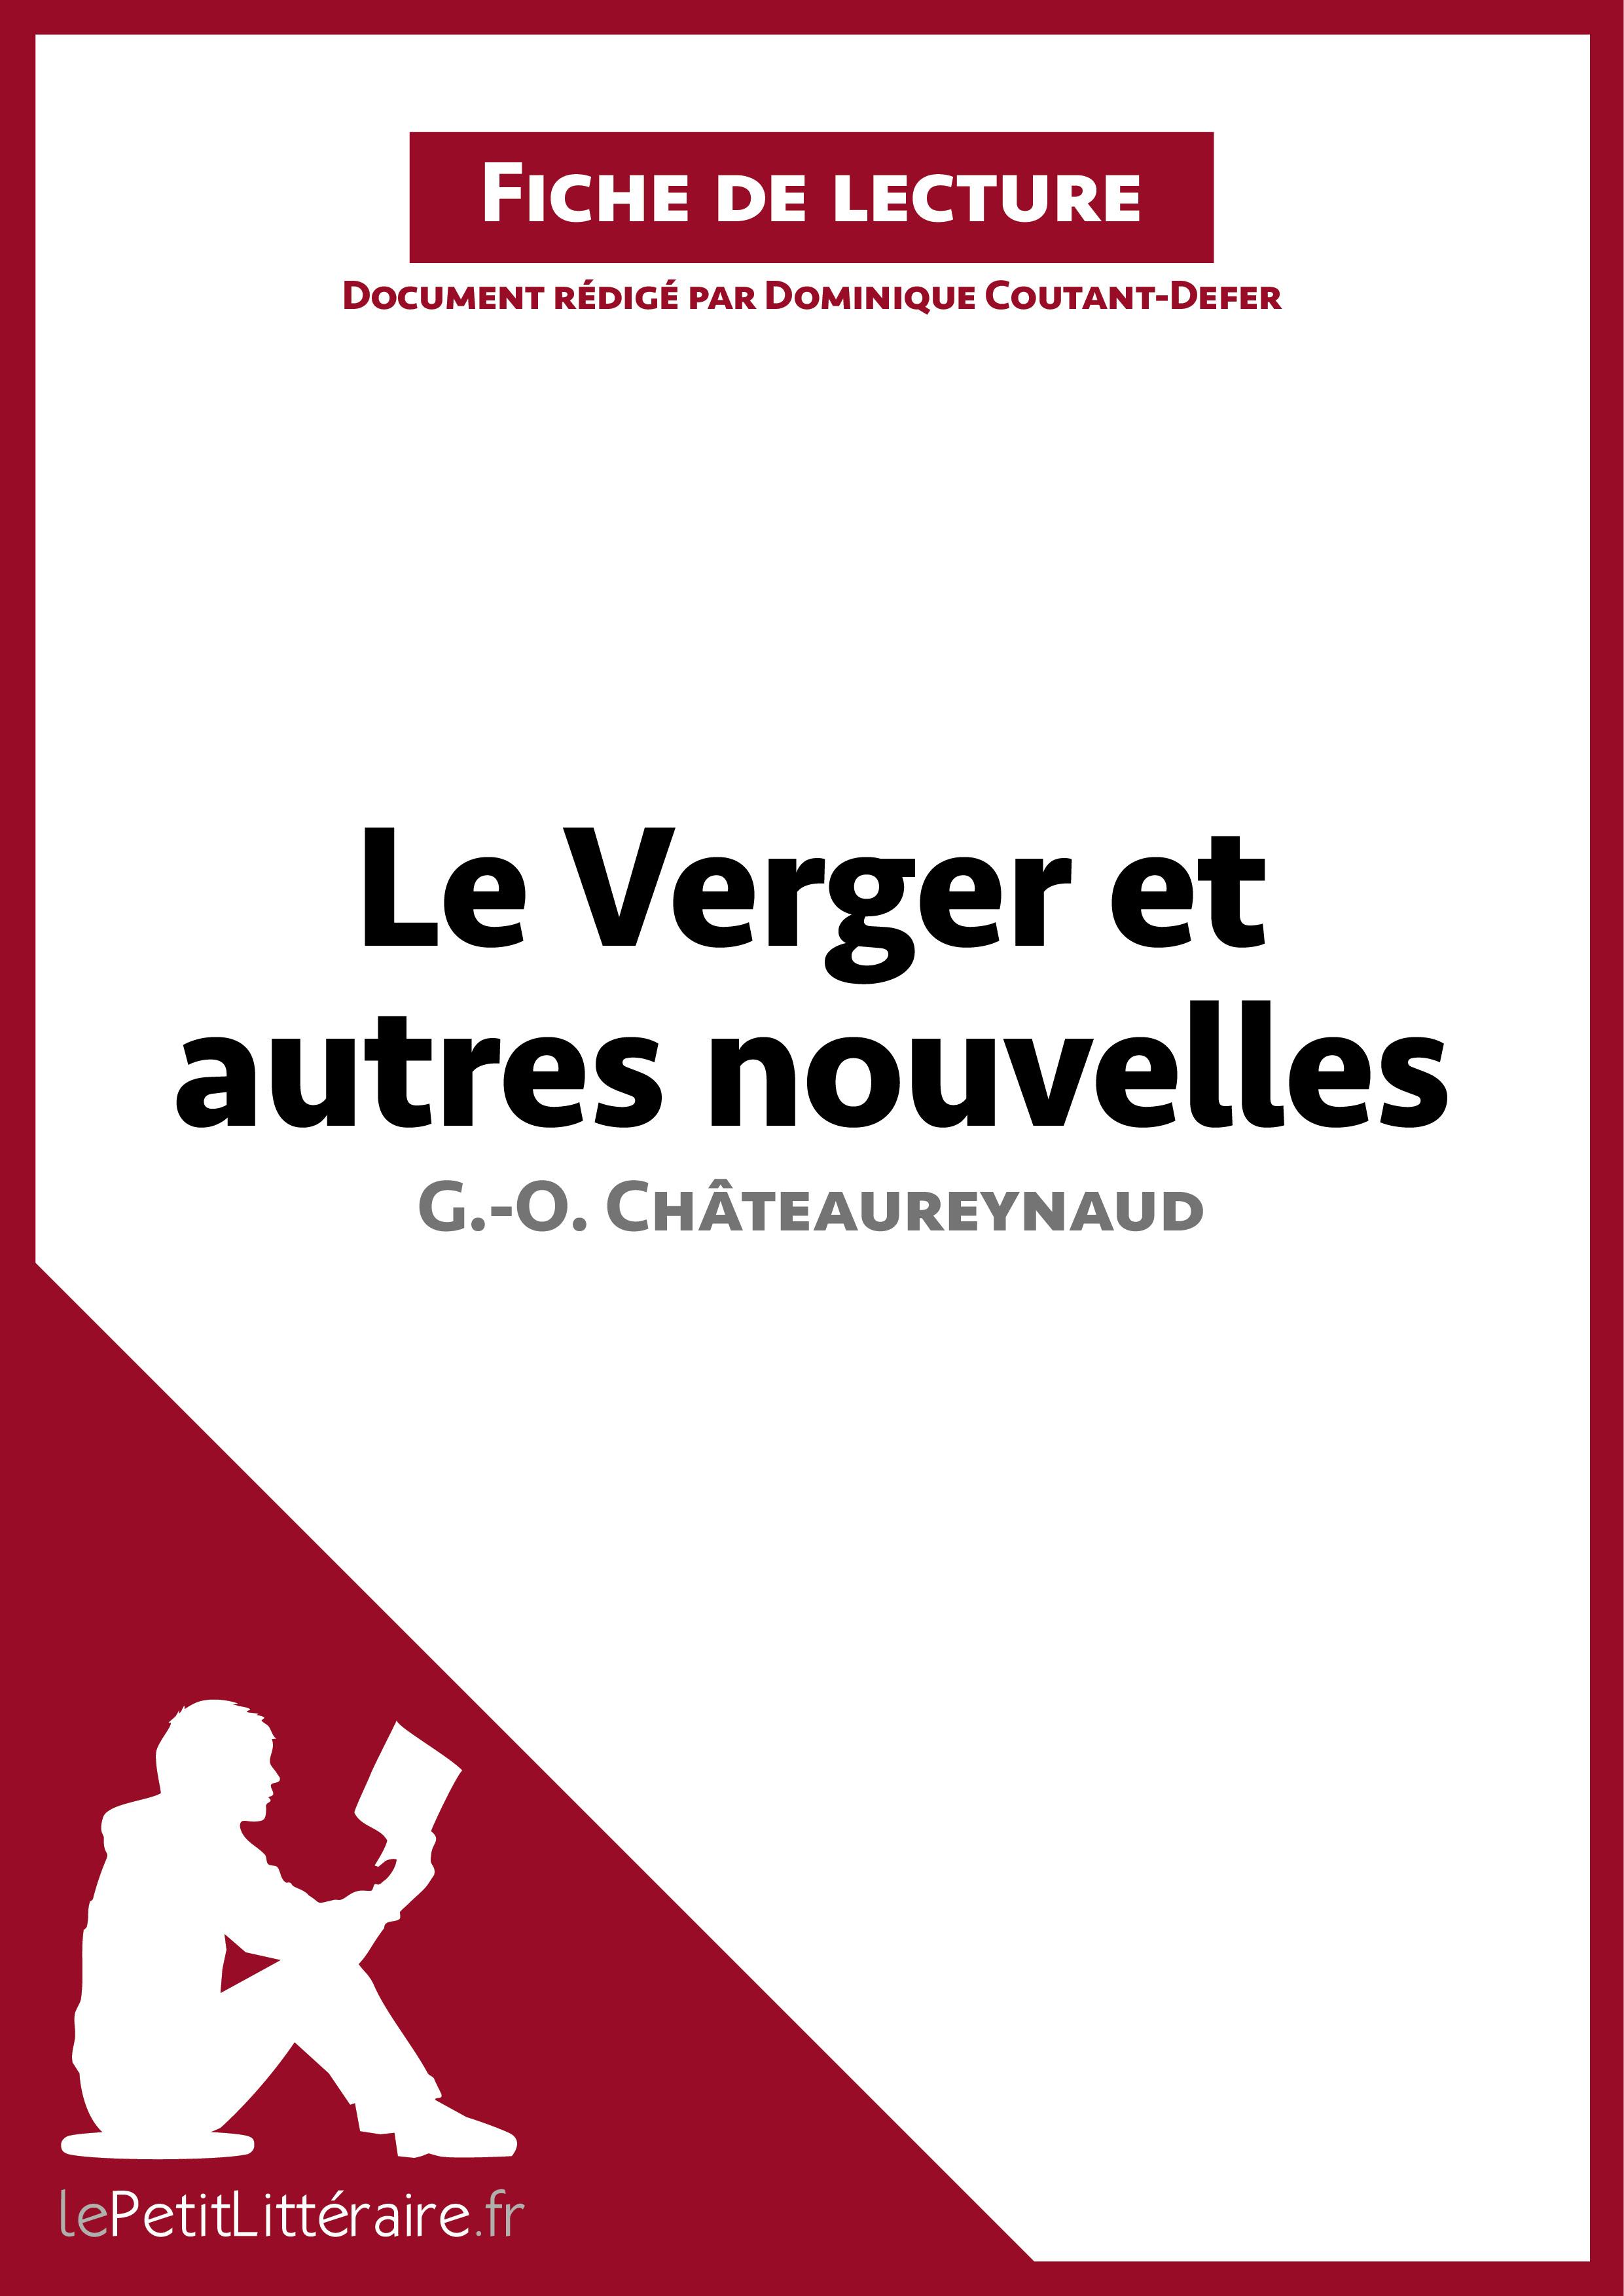 Le Verger et autres nouvelles